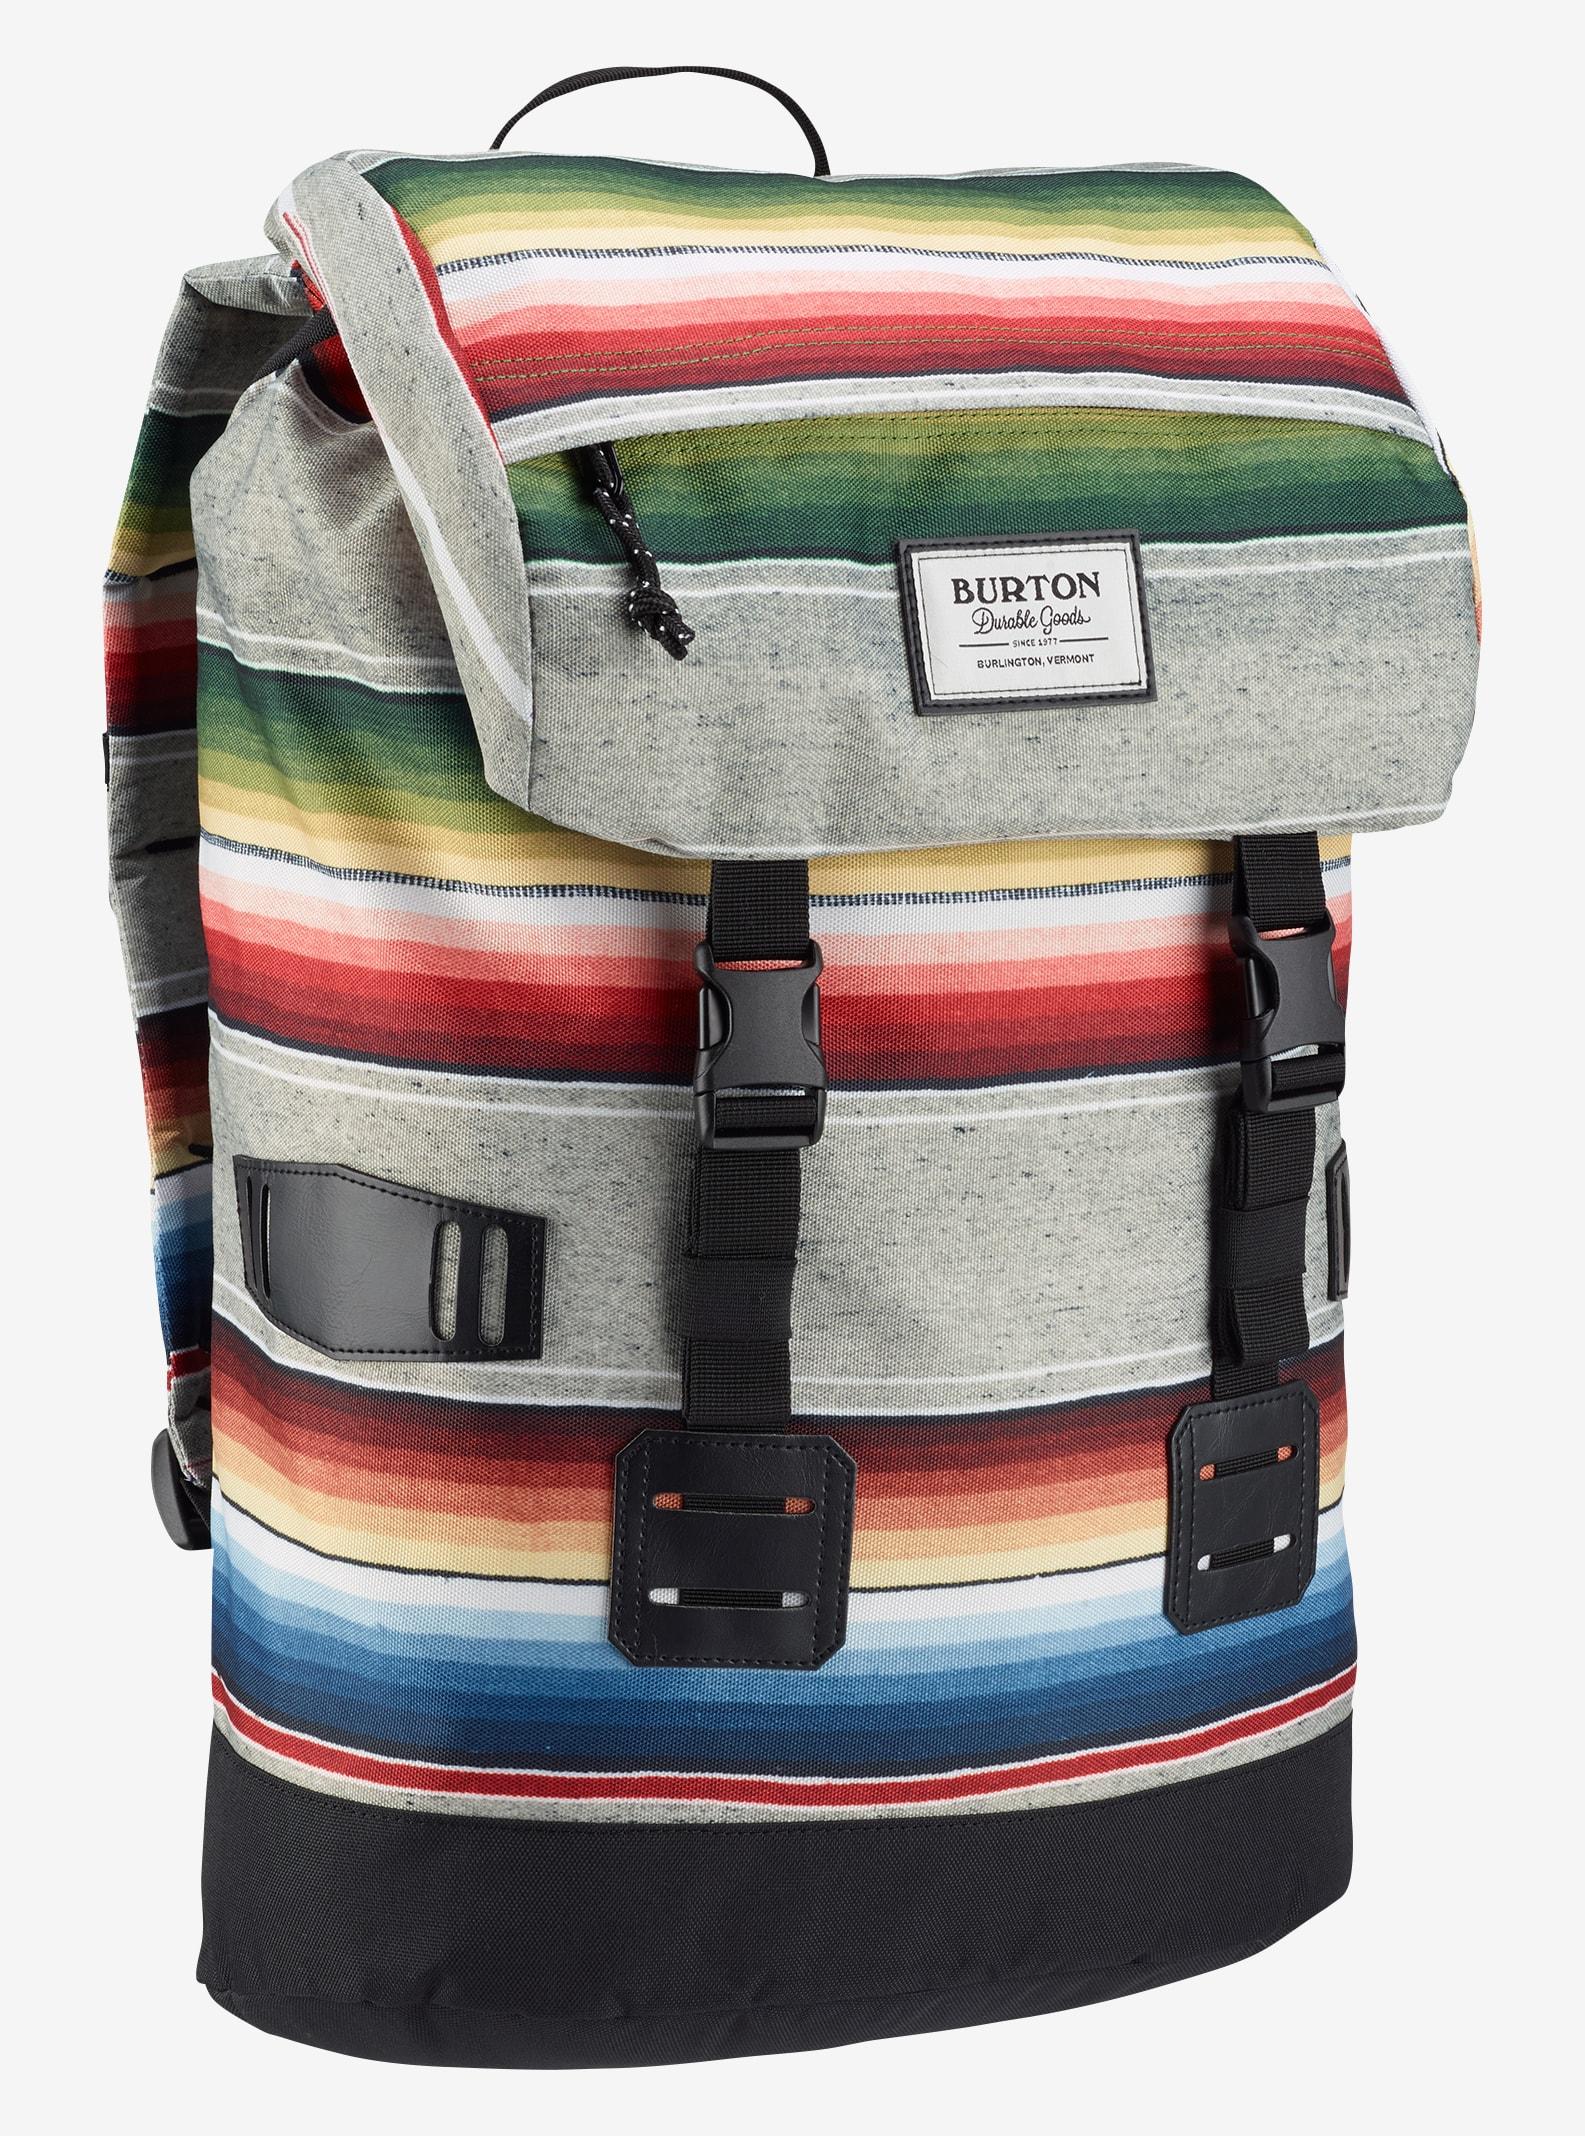 Burton Tinder Backpack shown in Bright Sinola Stripe Print